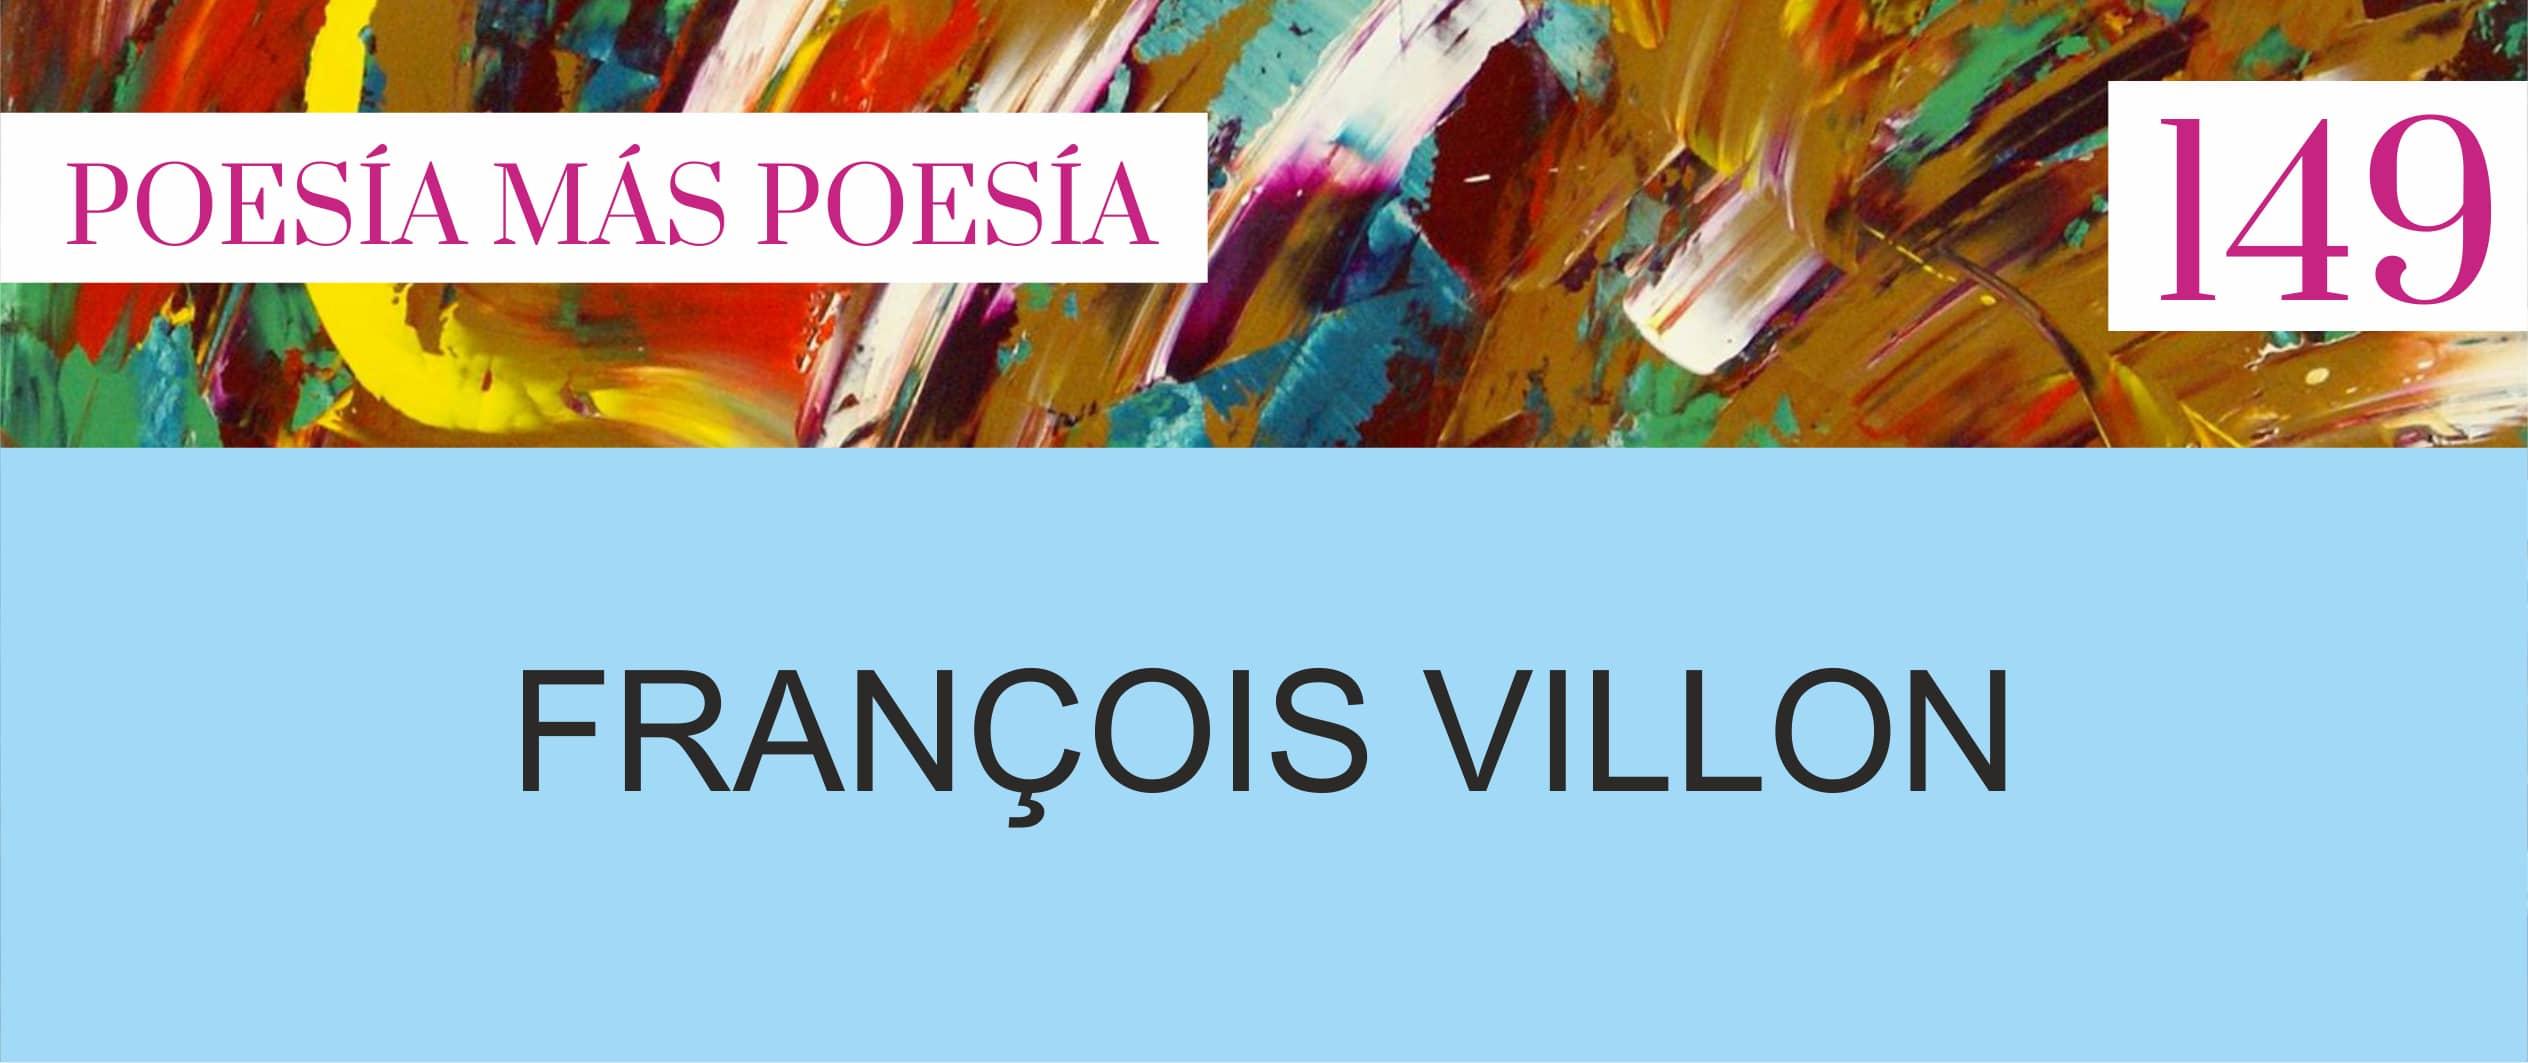 149. Poesía más Poesía: François Villon